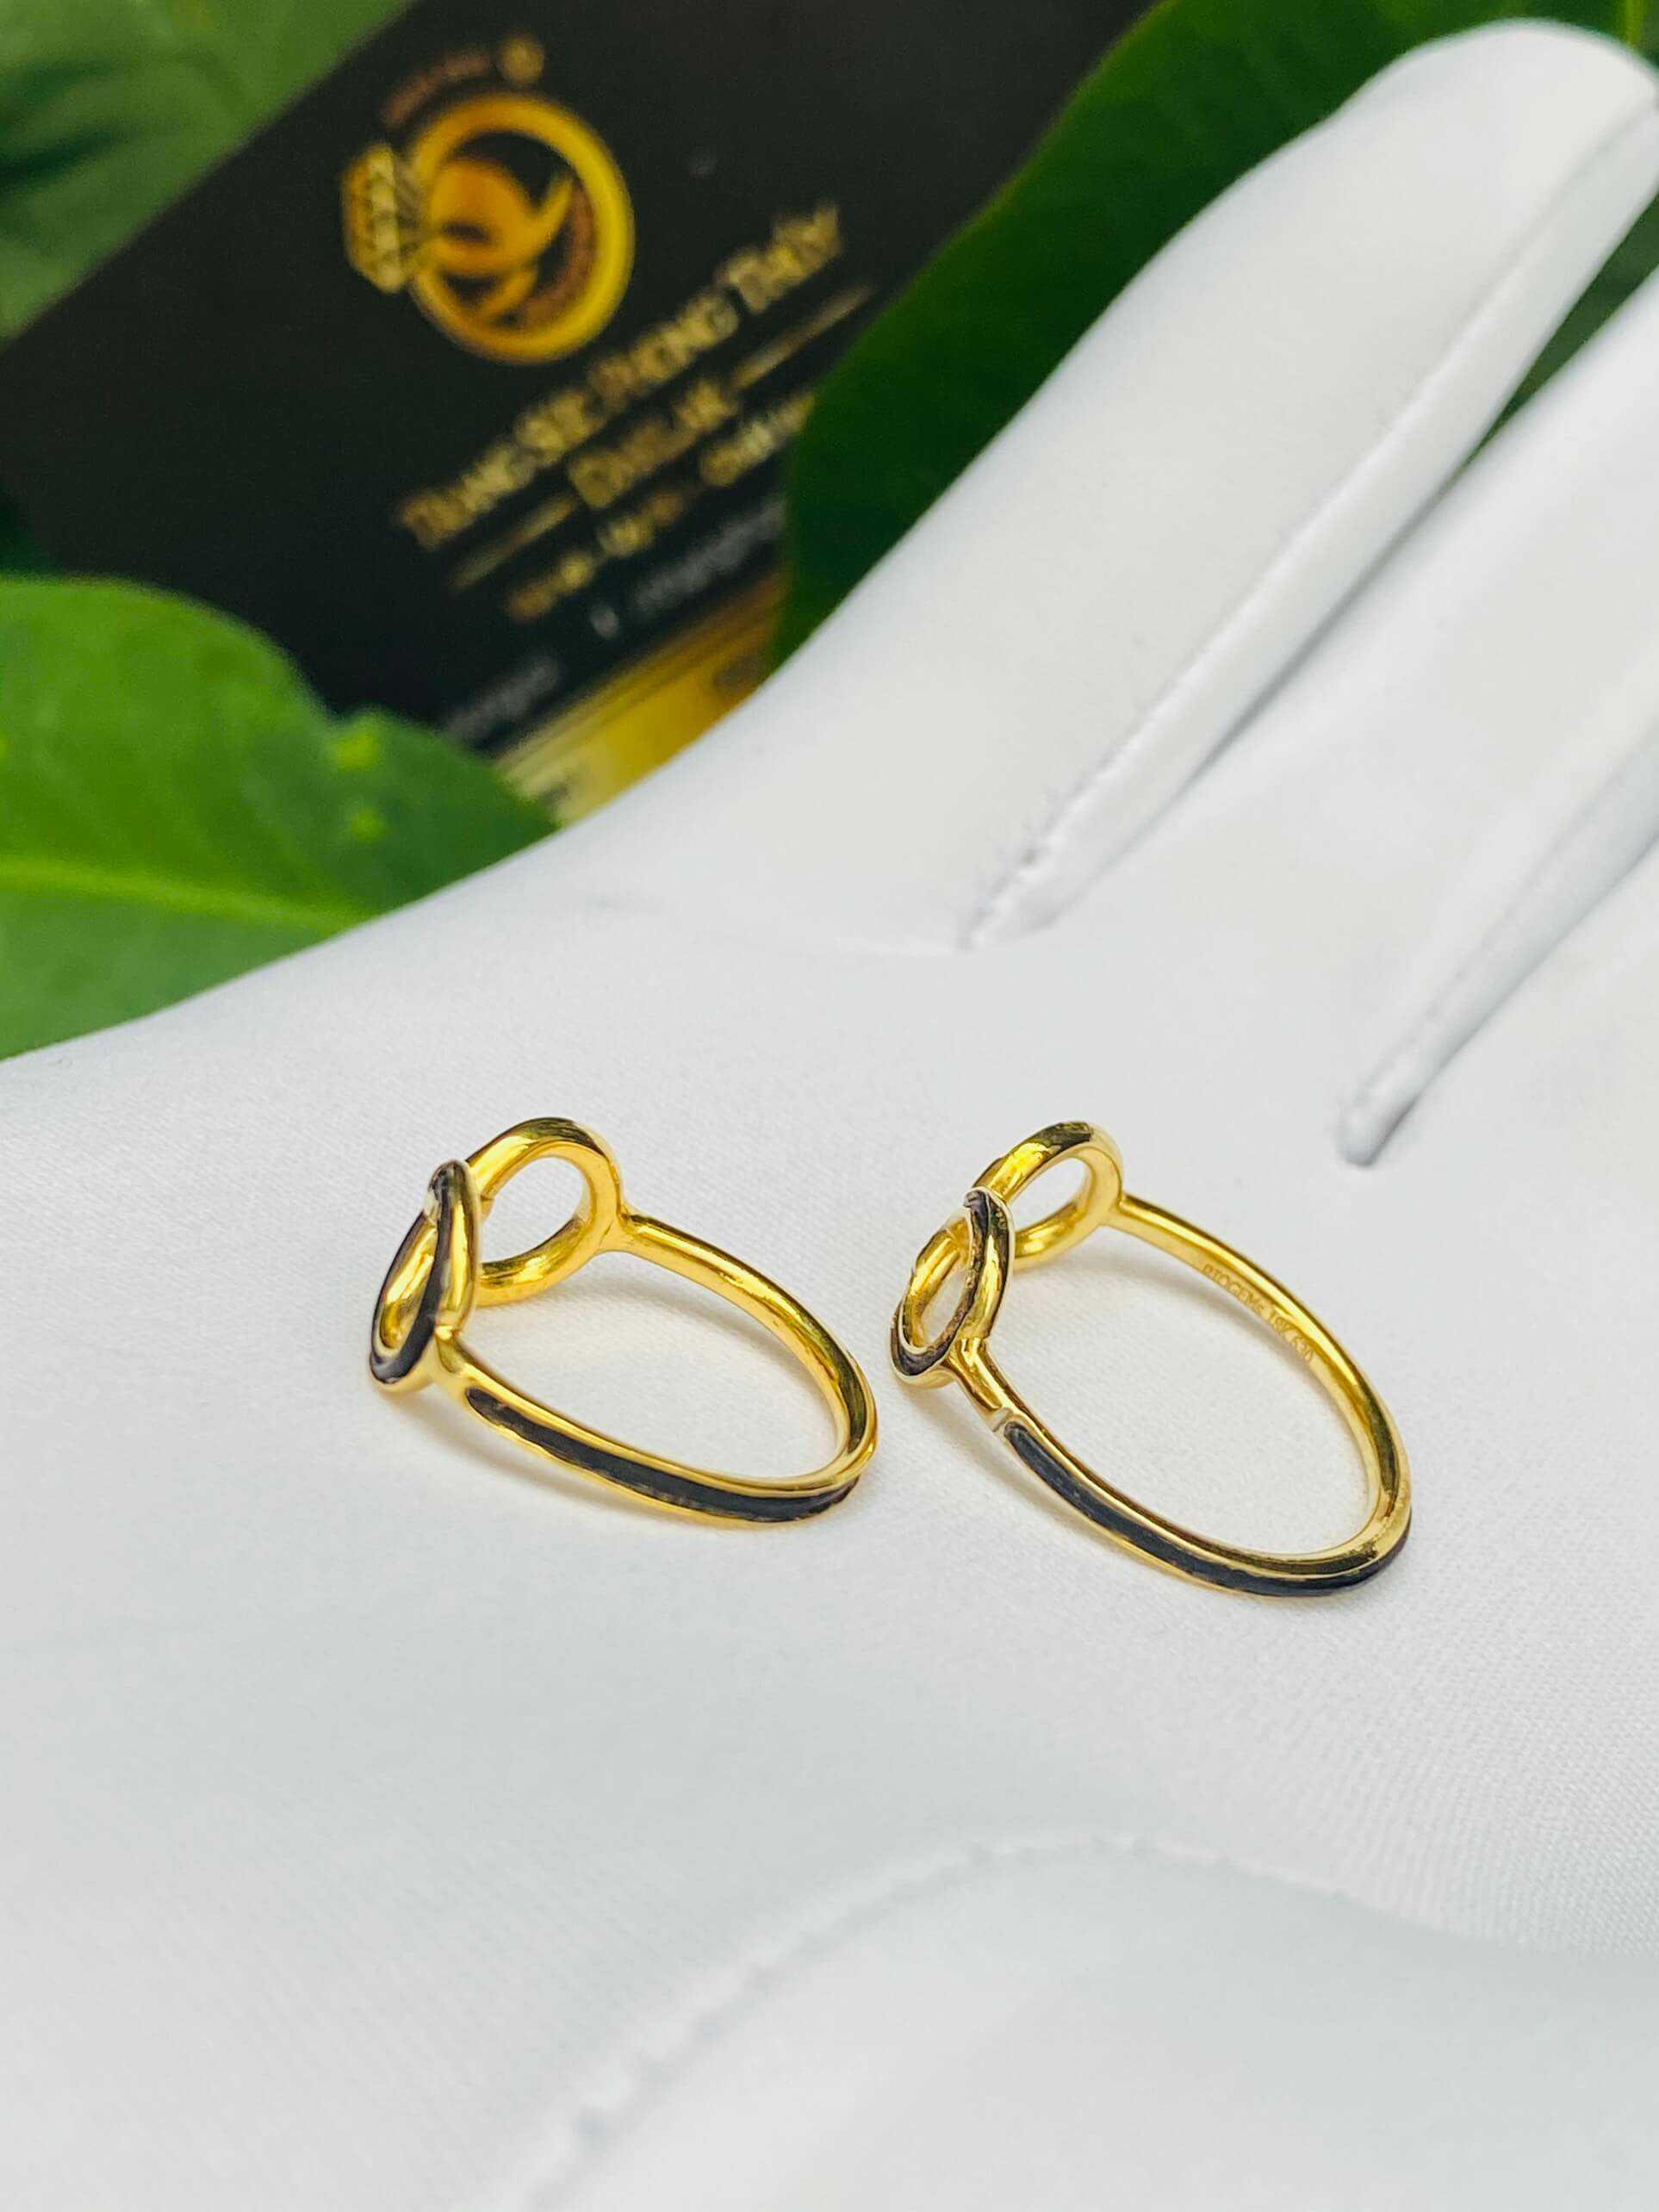 Cặp nhẫn vô cực vàng 18K cho nữ (lông FAKE) mang ý nghĩa bảo vệ